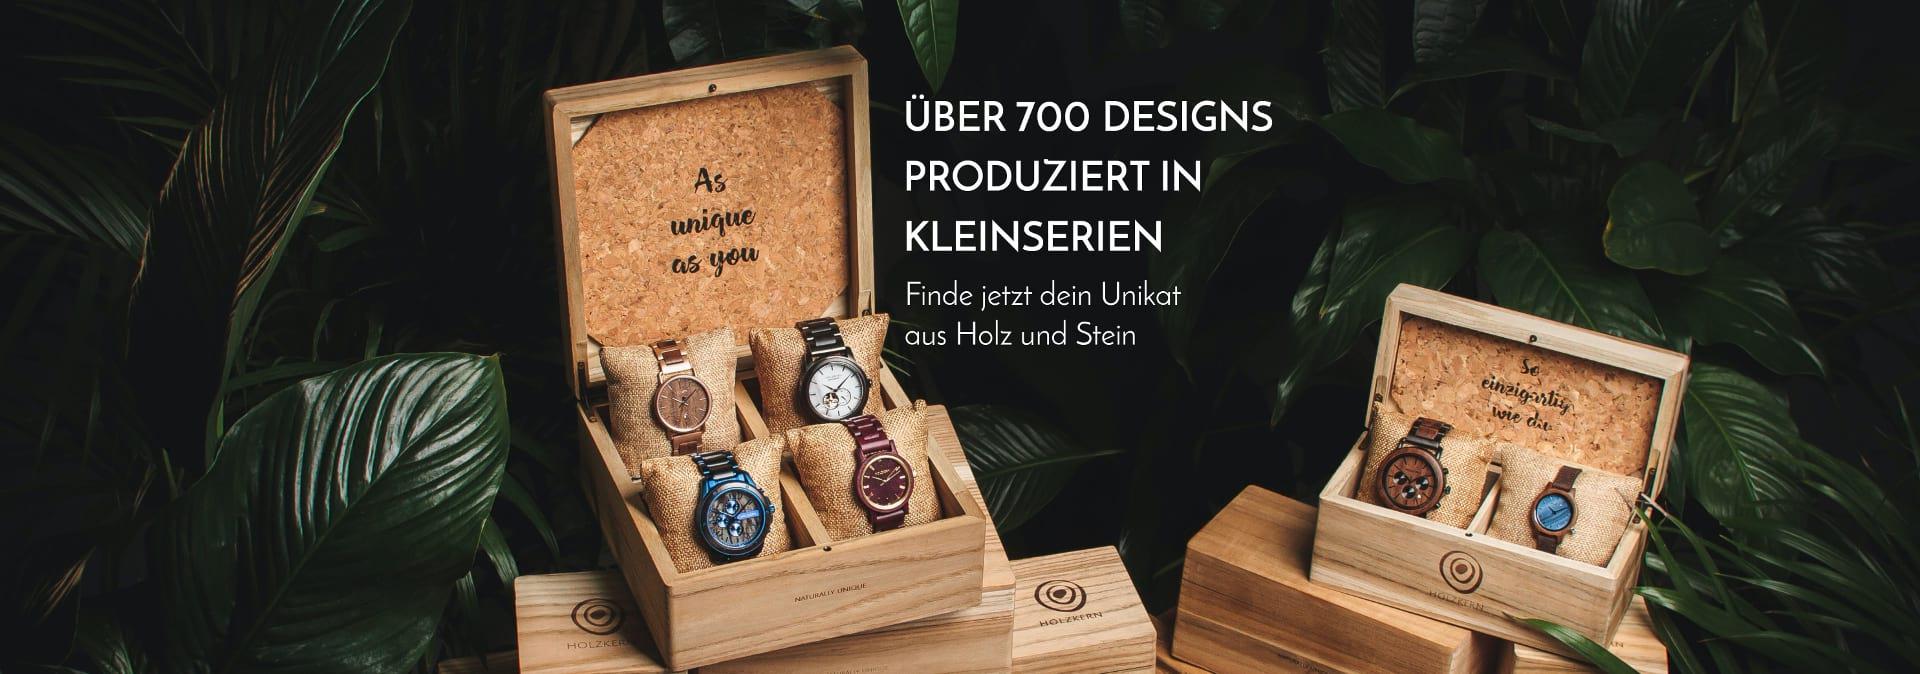 Über 700 Designs